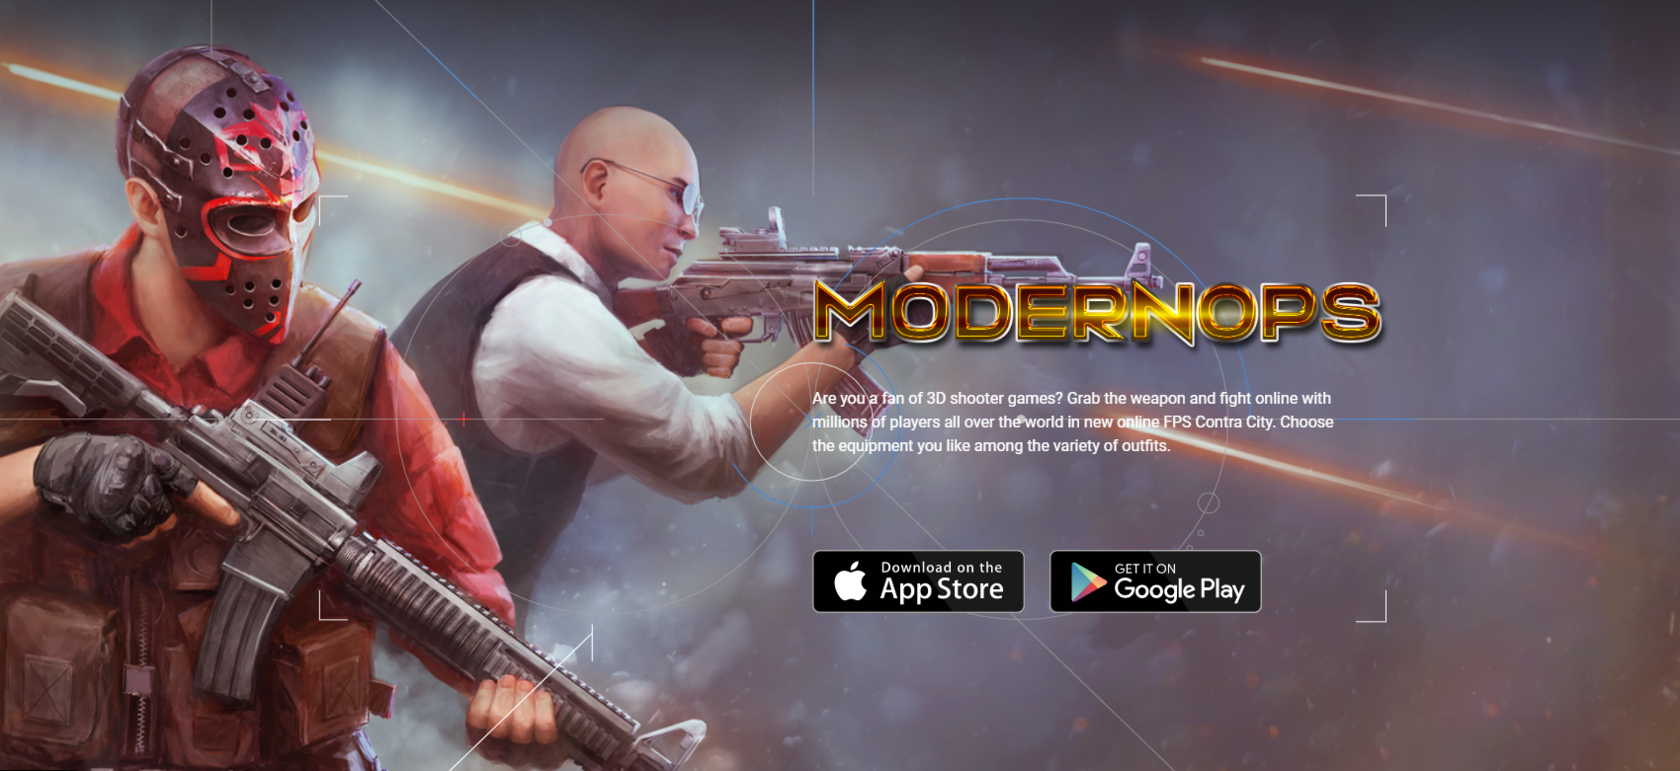 3D Gun Games No Download edkon games: modern ops, contra city, crime revolt